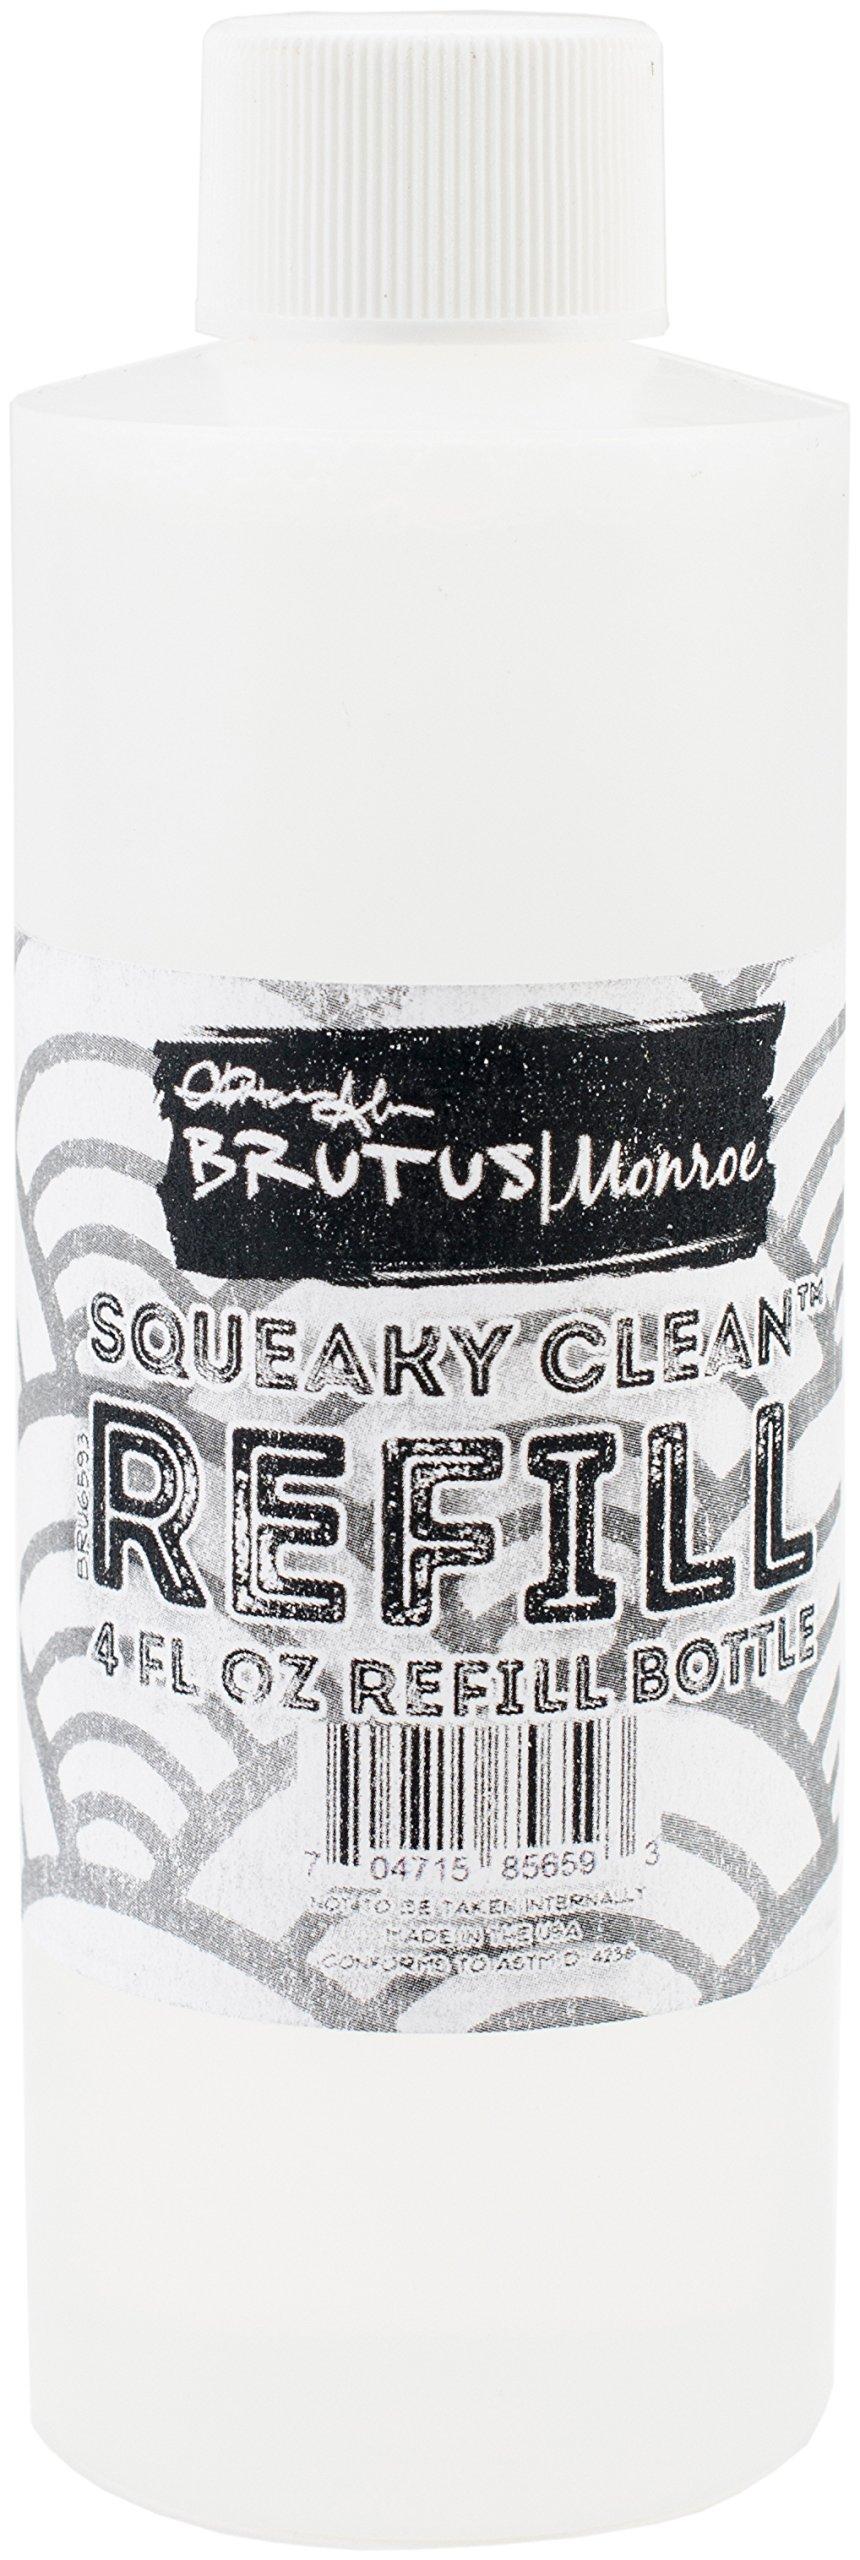 Brutus Monroe BRU6593 Squeaky Clean Refill 4oz